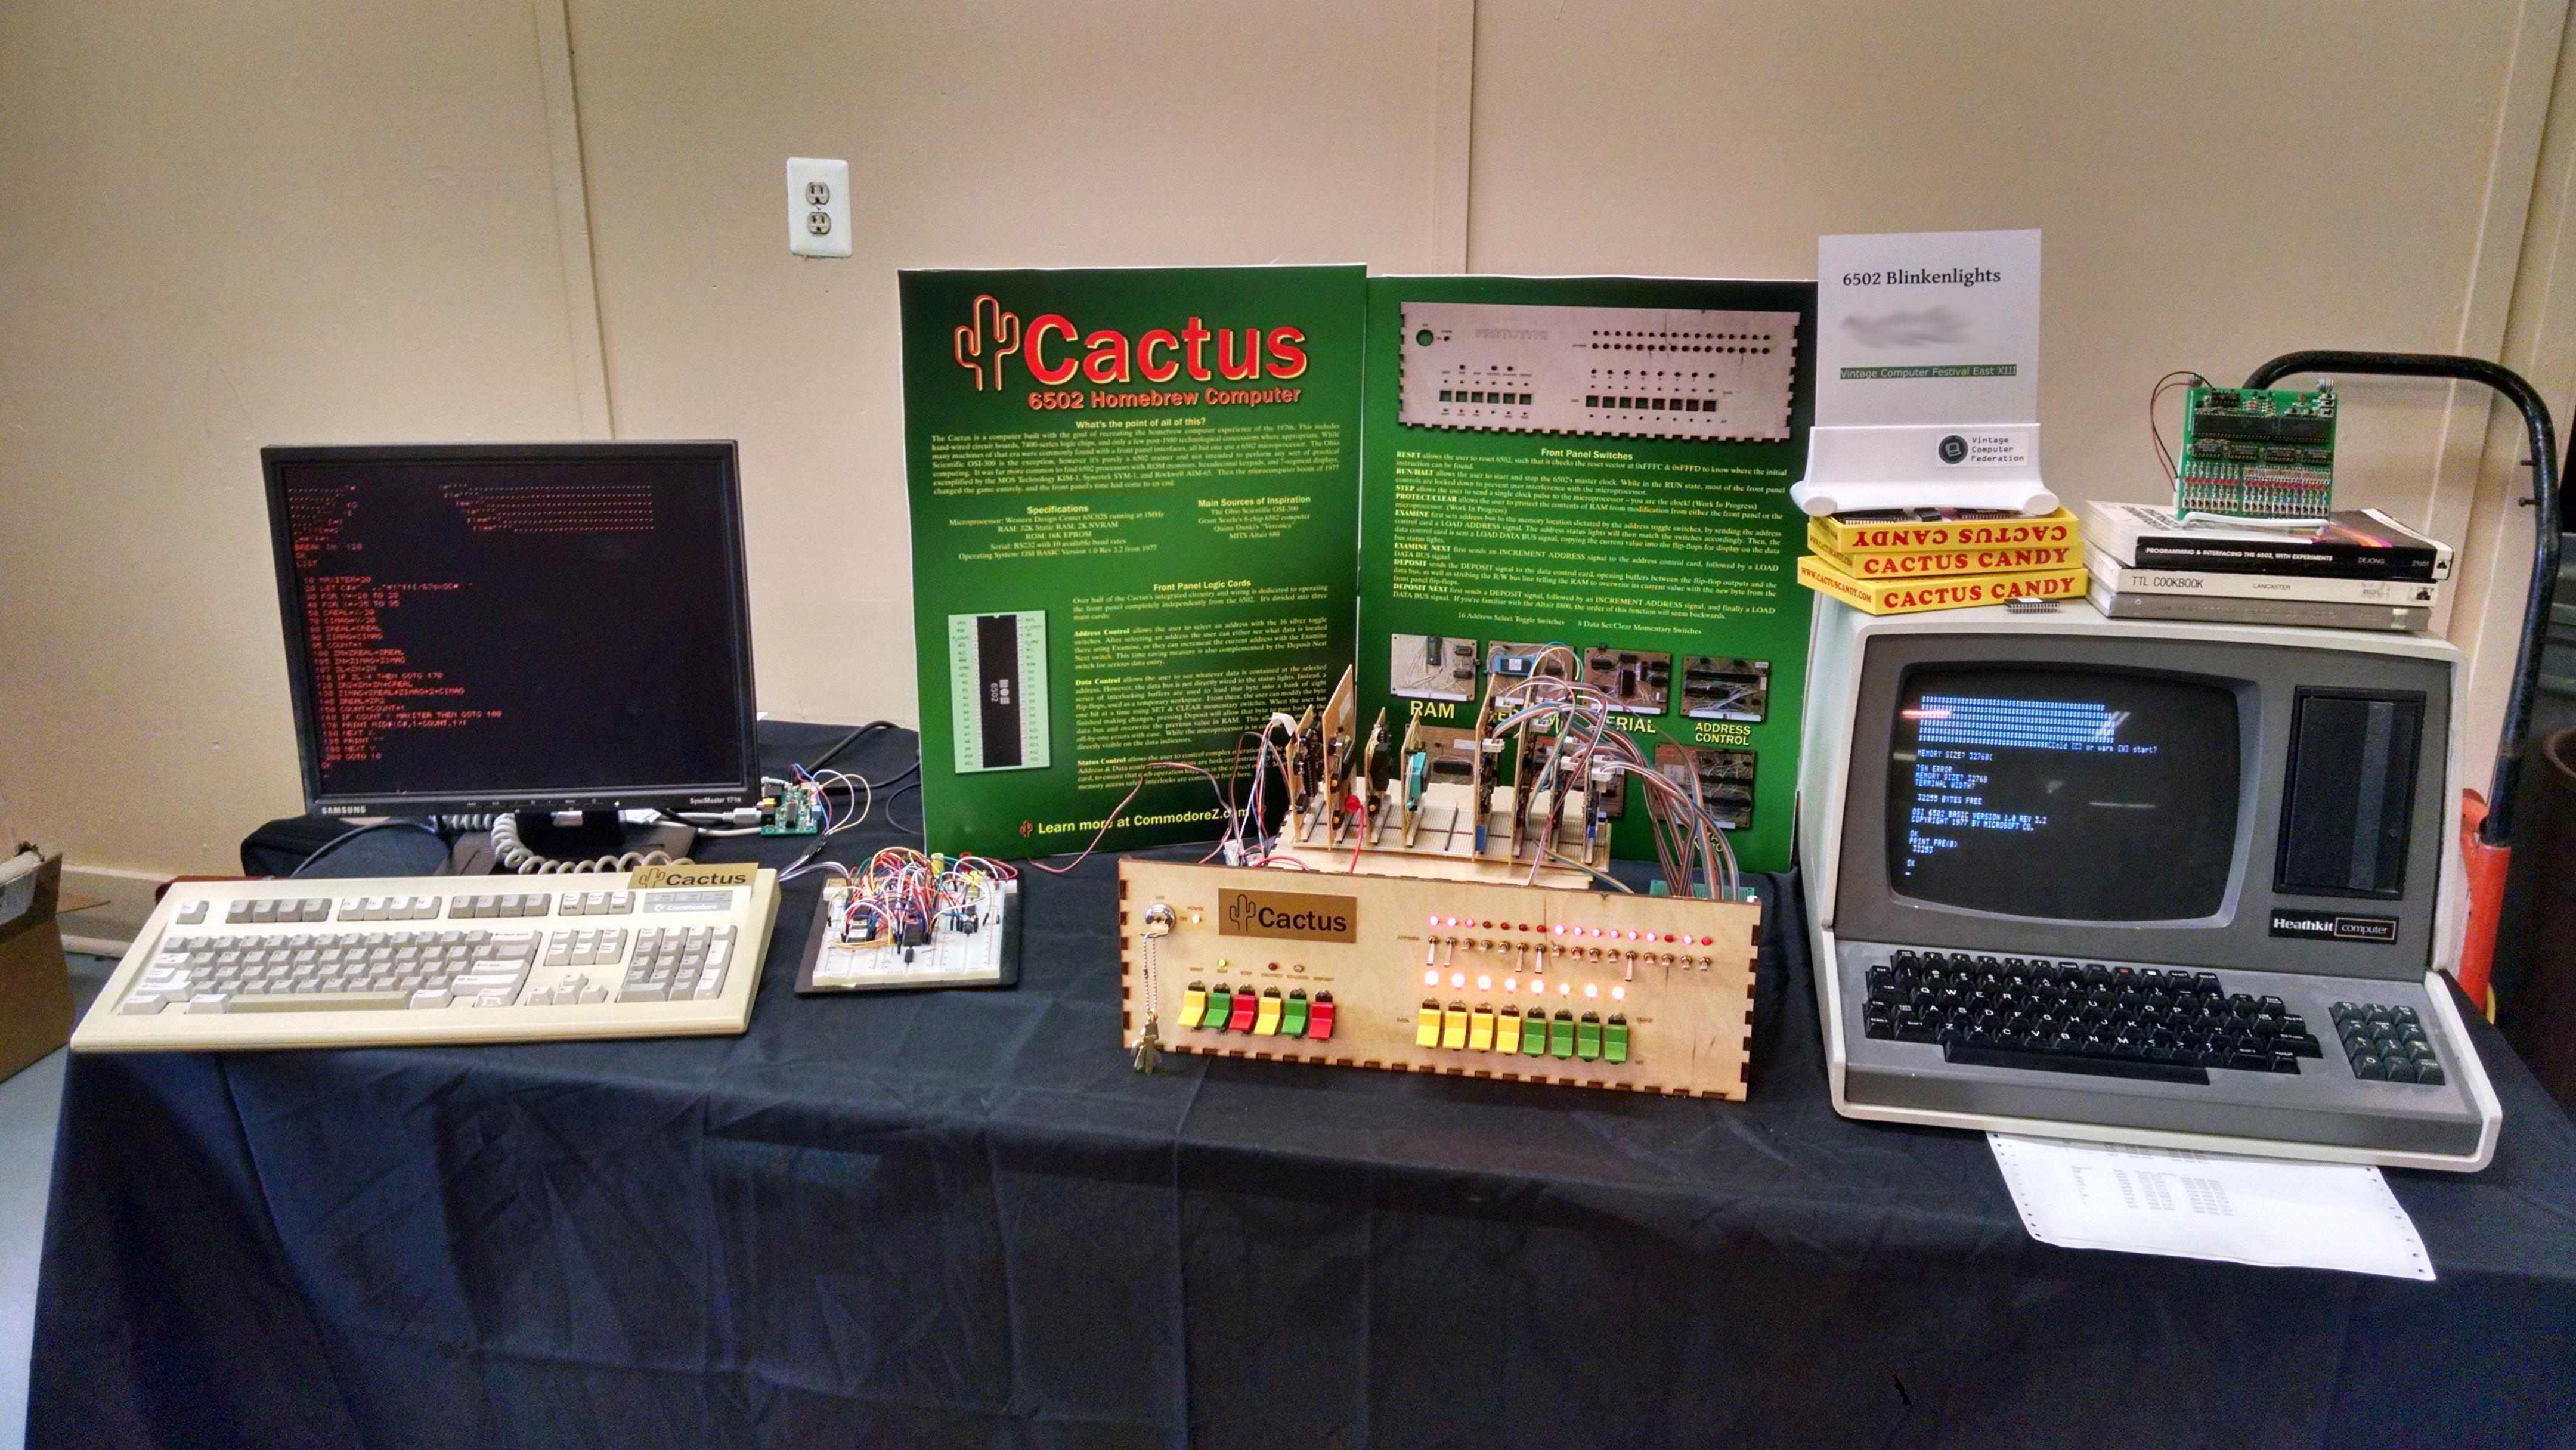 The Cactus - CommodoreZ com